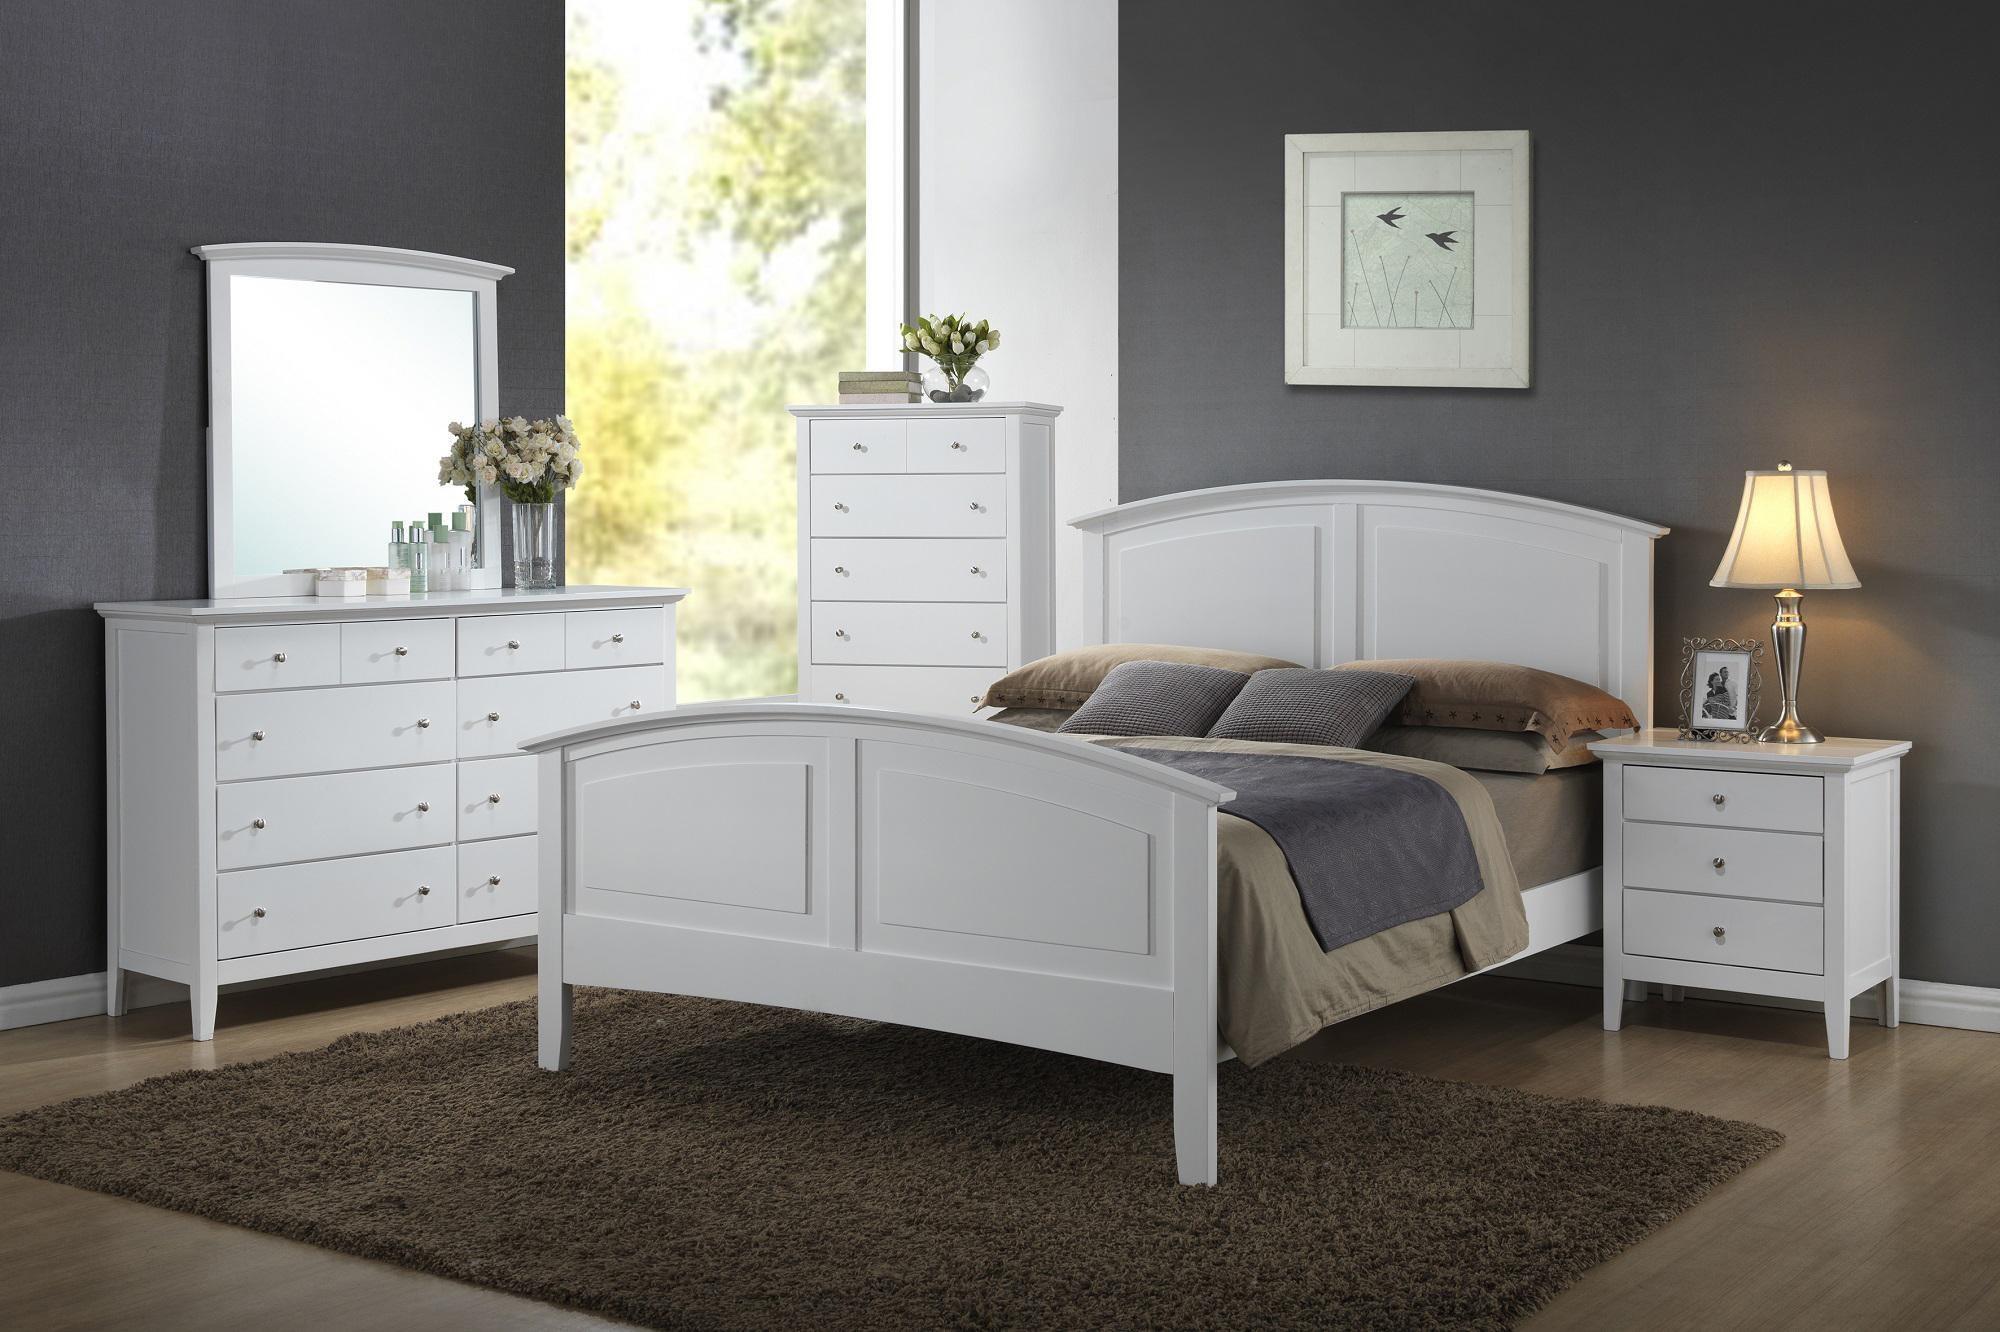 8 Piece Queen Bedroom Group